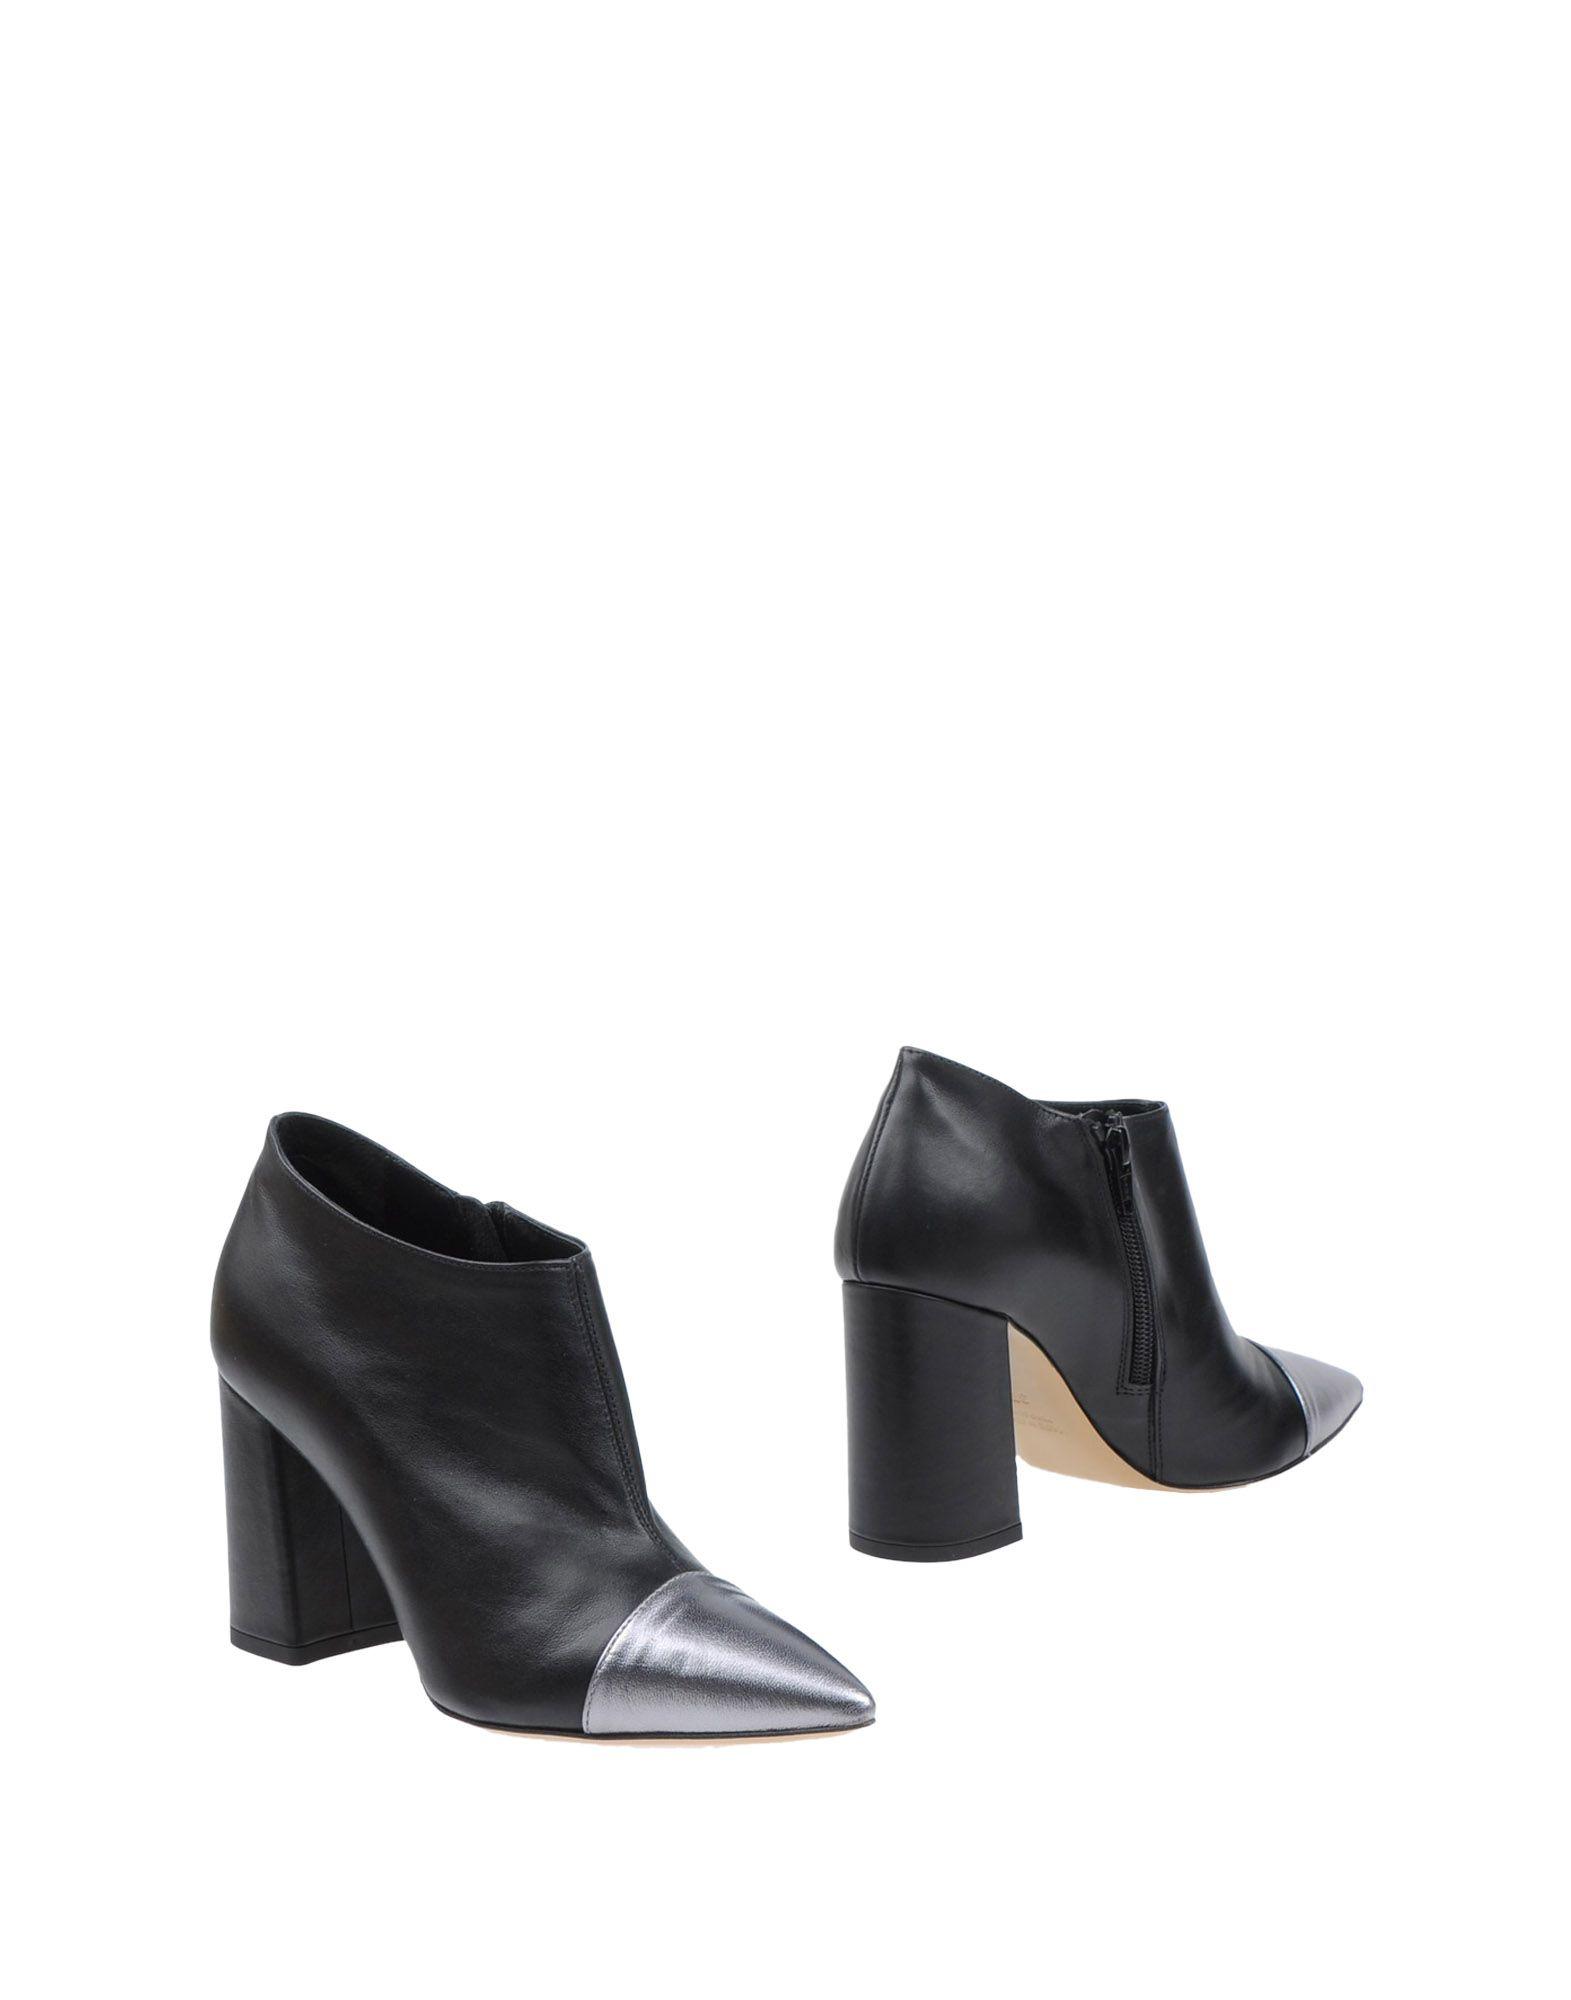 Fauzian Jeunesse Stiefelette Damen  11301409OI Gute Qualität beliebte Schuhe